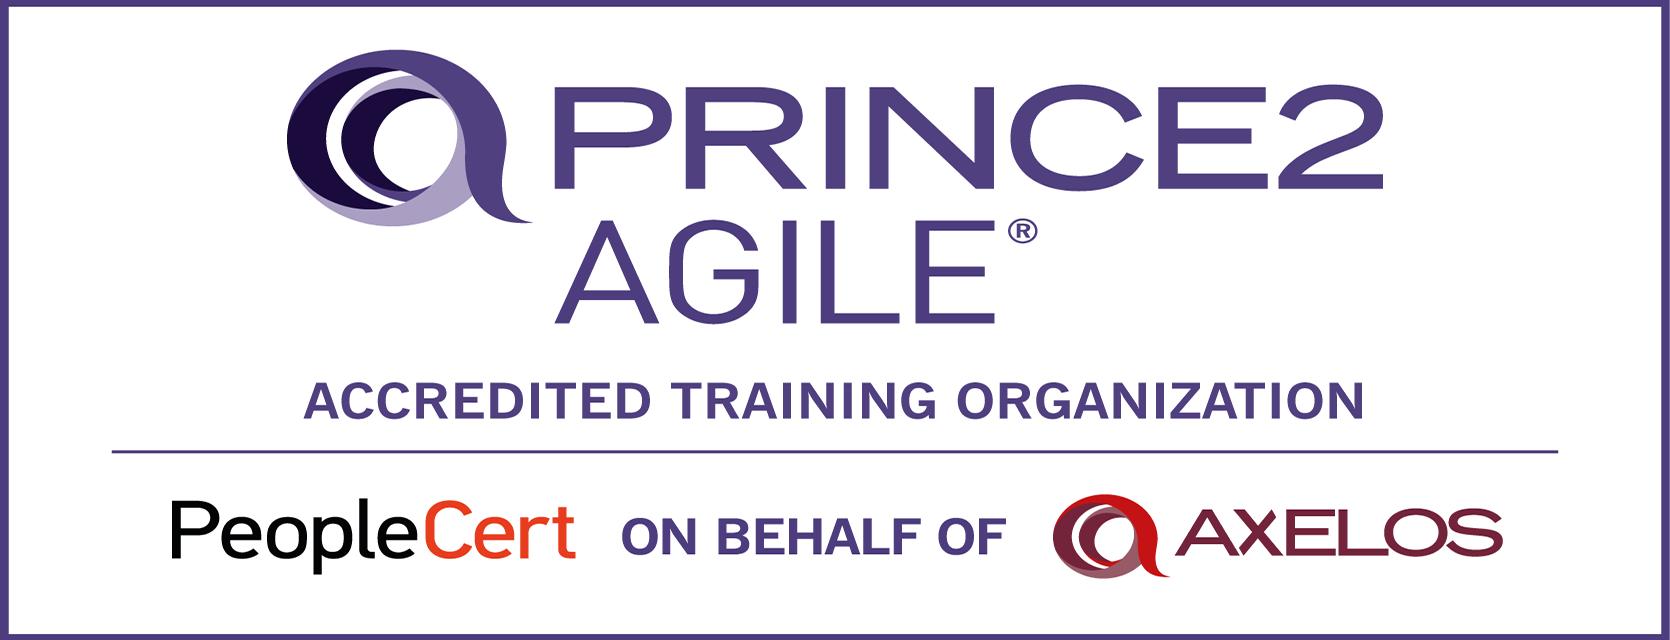 PRINCE2Agile_ATO logo